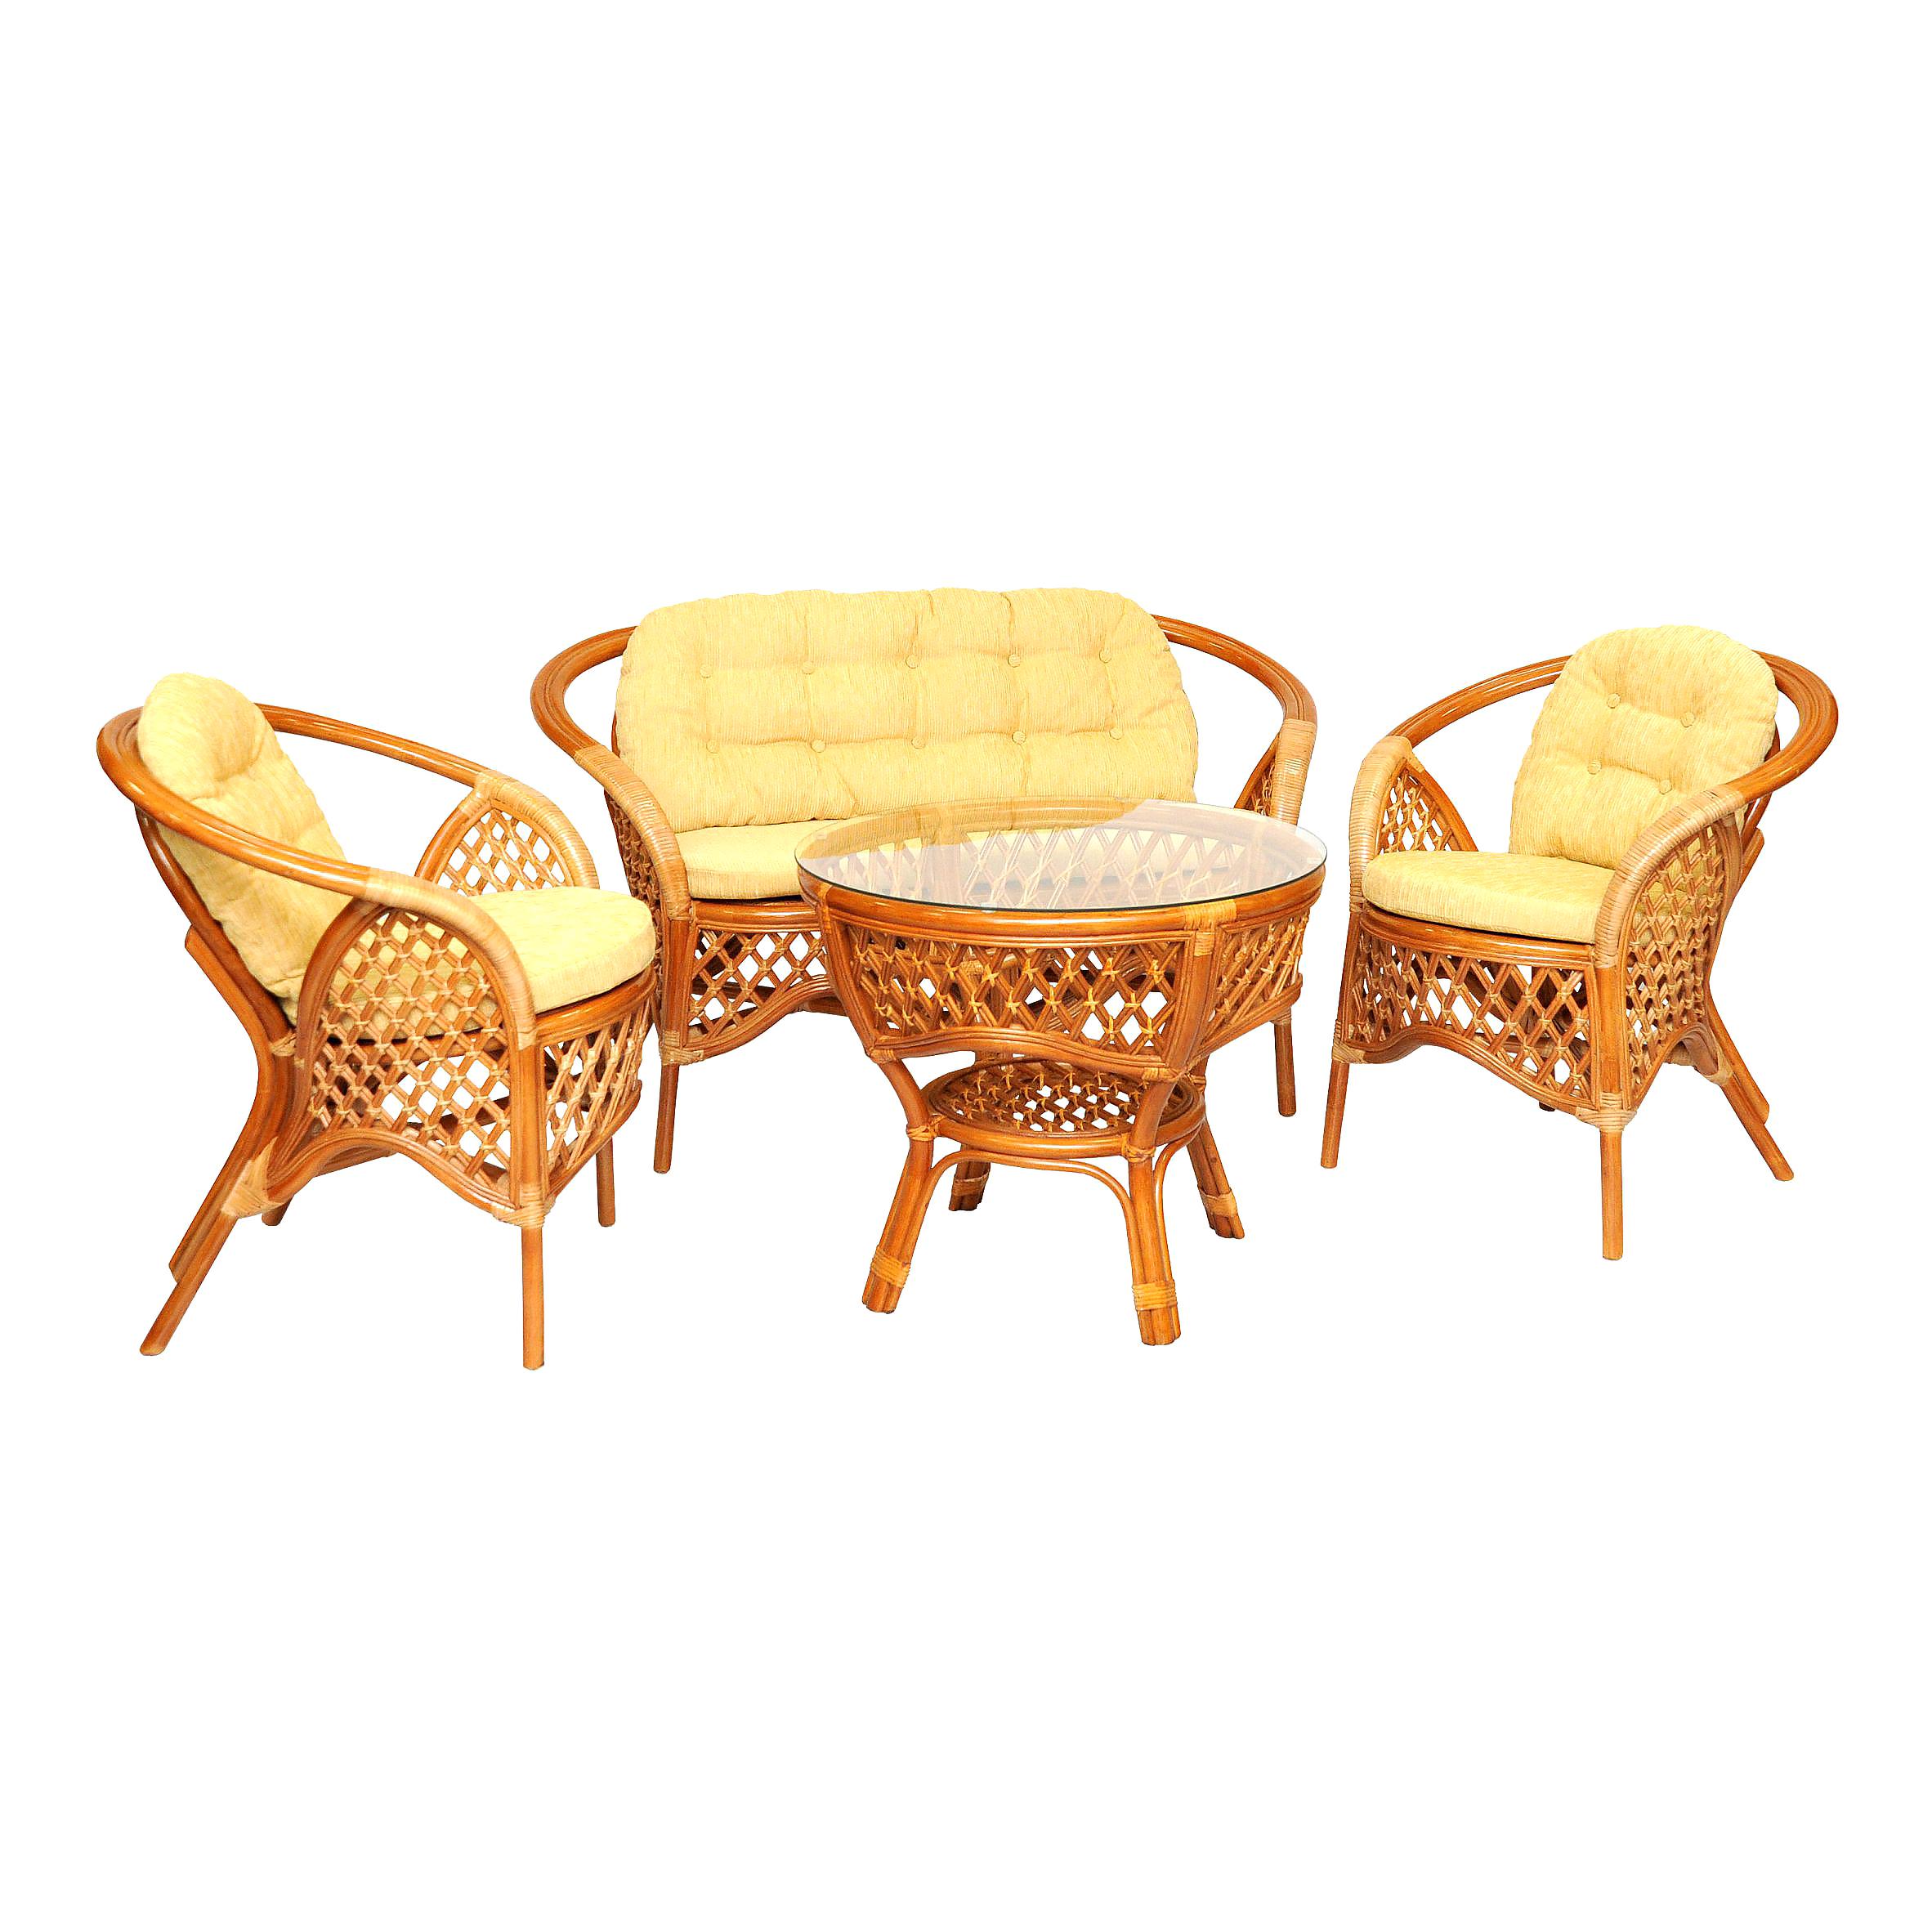 Комплект кофейный MelangКомплекты уличной мебели<br>Оригинальный дизайн делает этот комплект очень комфортным и красивым.<br>В комплект входят два кресла, диван, мягкие подушки (на спинку и сидение), столик со стеклом на присосках.&amp;amp;nbsp;&amp;lt;div&amp;gt;&amp;lt;br&amp;gt;&amp;lt;/div&amp;gt;&amp;lt;div&amp;gt;Материал каркаса:  натуральный ротанг&amp;lt;/div&amp;gt;&amp;lt;div&amp;gt;Цвет:  коньячный&amp;lt;/div&amp;gt;&amp;lt;div&amp;gt;Мягкая обивка/подушка:  шенилл&amp;lt;/div&amp;gt;&amp;lt;div&amp;gt;Размер:  стол 71х61х71 см;  кресло 70х74х70 см;  диван 115х74х70 см&amp;lt;/div&amp;gt;&amp;lt;div&amp;gt;Выдерживаемая нагрузка, кг:  95&amp;lt;/div&amp;gt;&amp;lt;div&amp;gt;Вес, кг:  35&amp;lt;/div&amp;gt;<br><br>Material: Ротанг<br>Width см: 115<br>Depth см: 70<br>Height см: 74